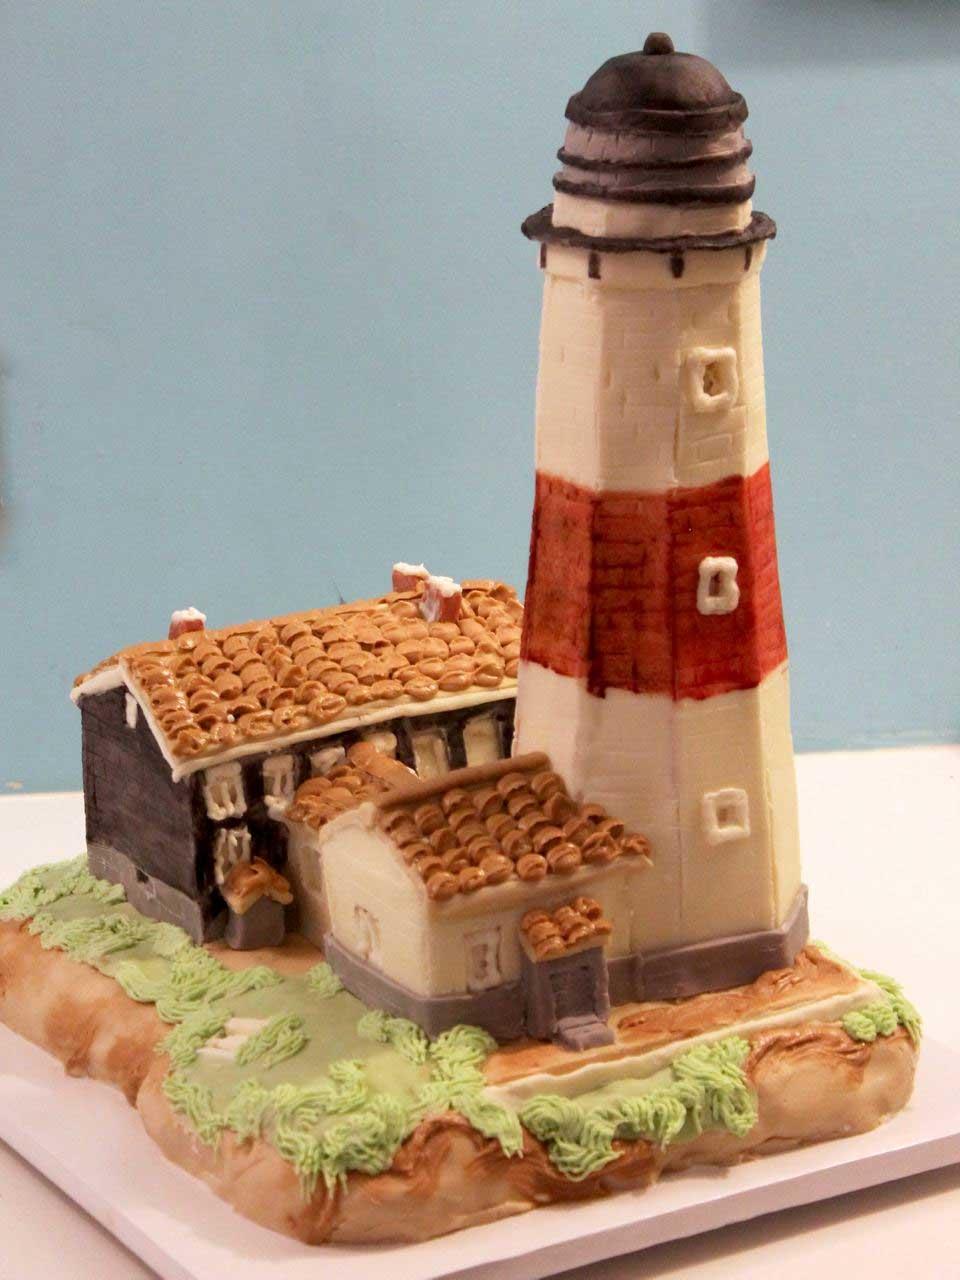 Gruselig realistisch aussehende Kuchen von Deviant Desserts katherine-day-deviant-desserts_08